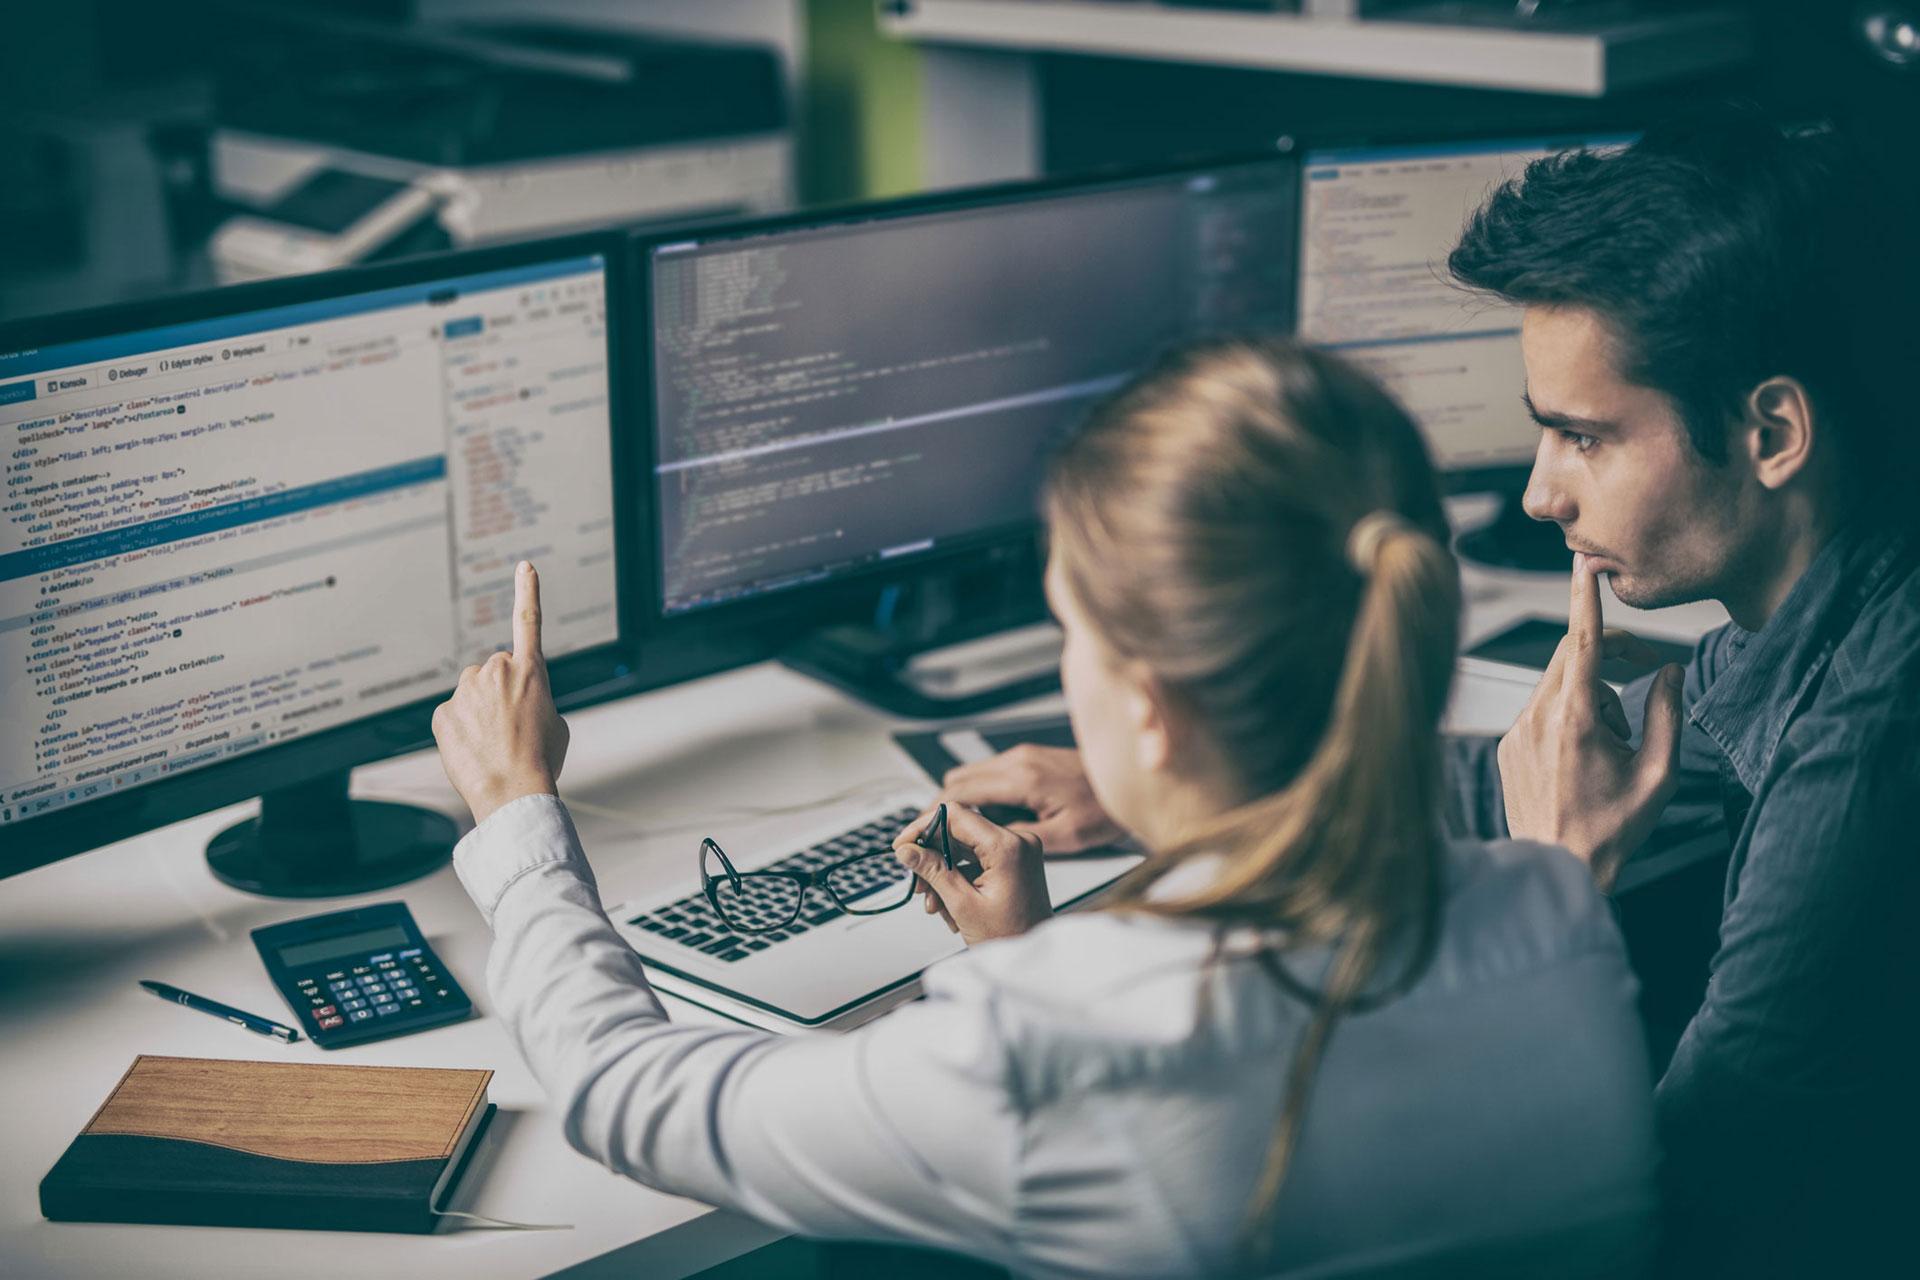 Guia rápido: as soluções de TI em cloud essenciais para sua empresa